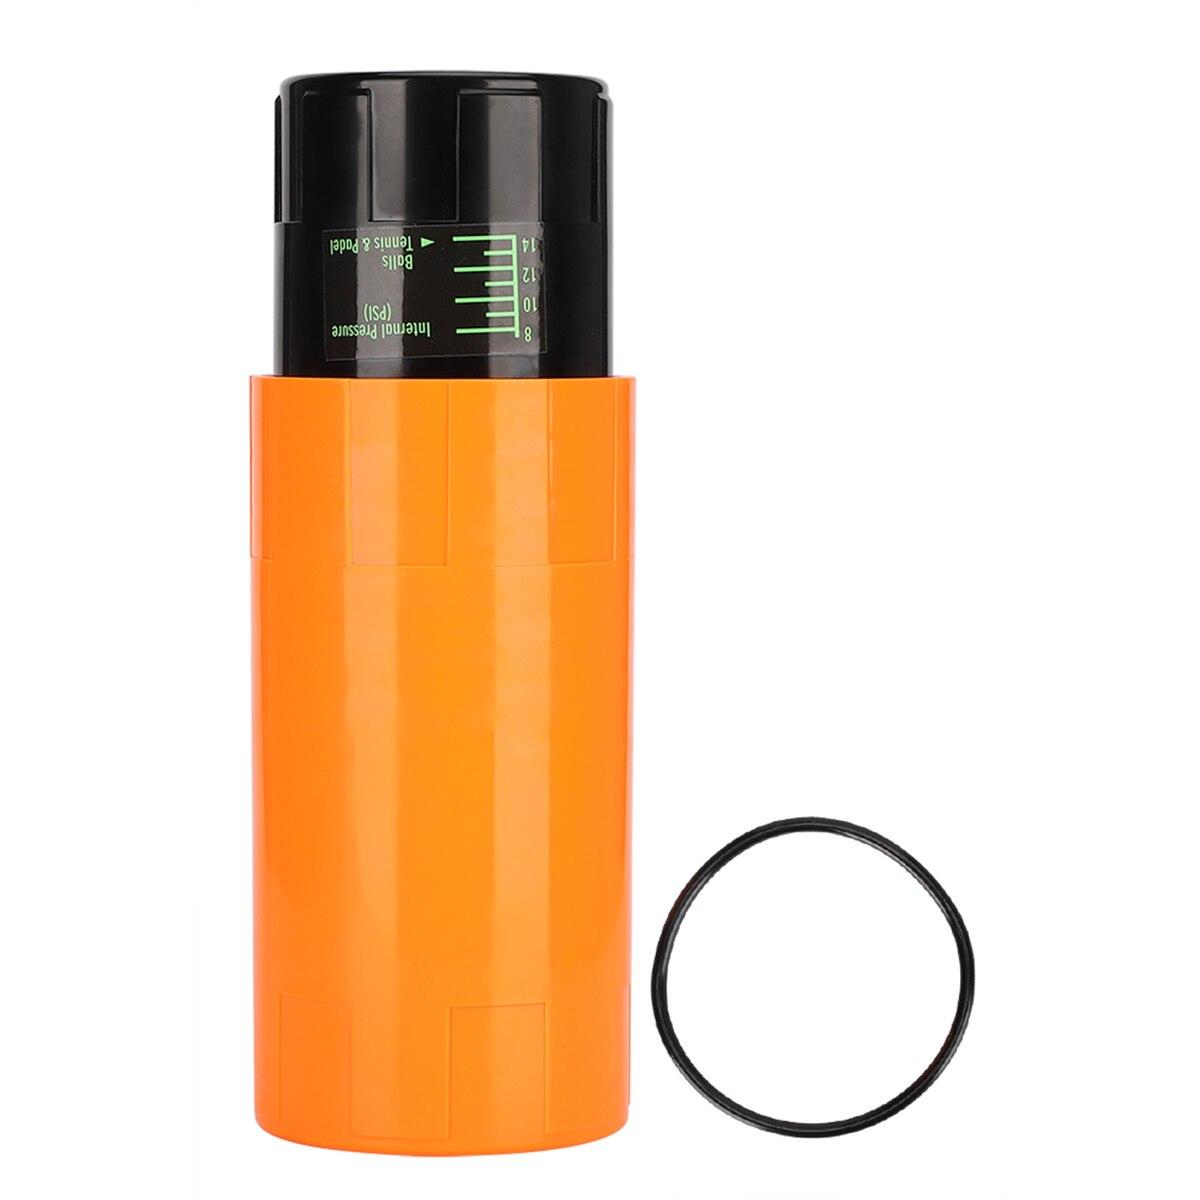 Контейнер для теннисных мячей, контейнер для ремонта при давлении, спортивные аксессуары для поддержания давления, защитный чехол для тенн...